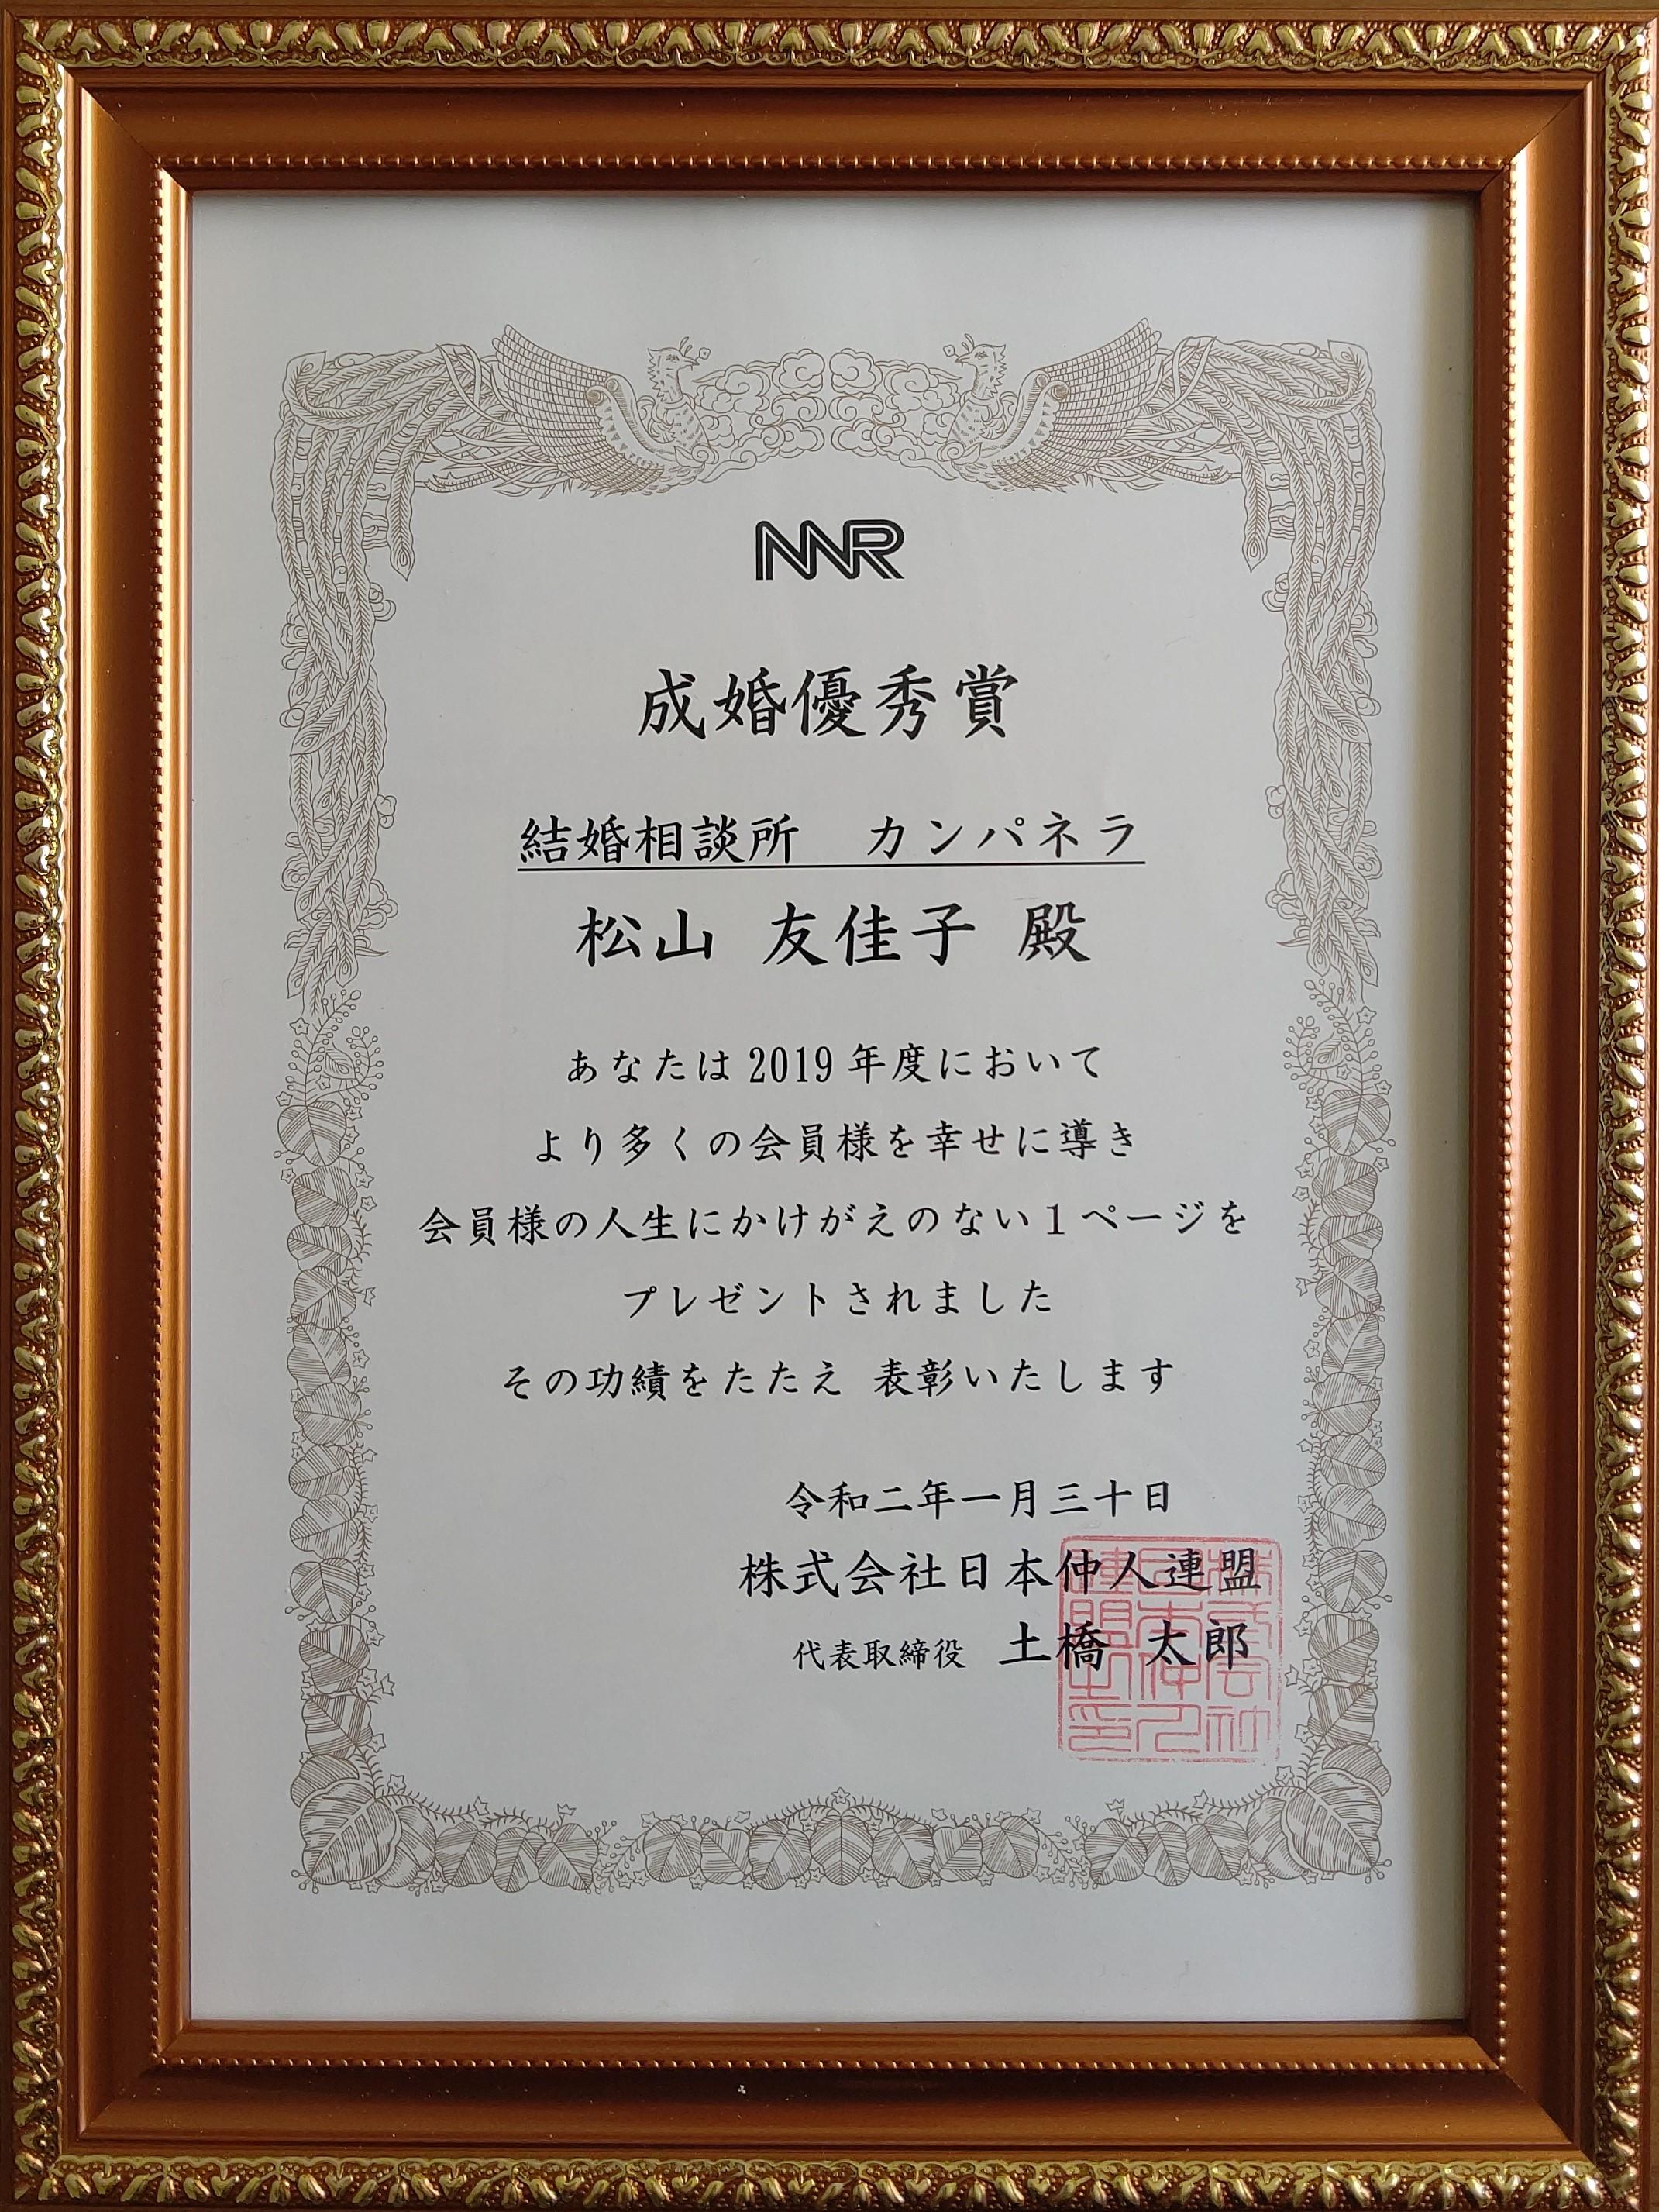 NNR成婚優秀賞 令和2年 カンパネラ 松山友佳子